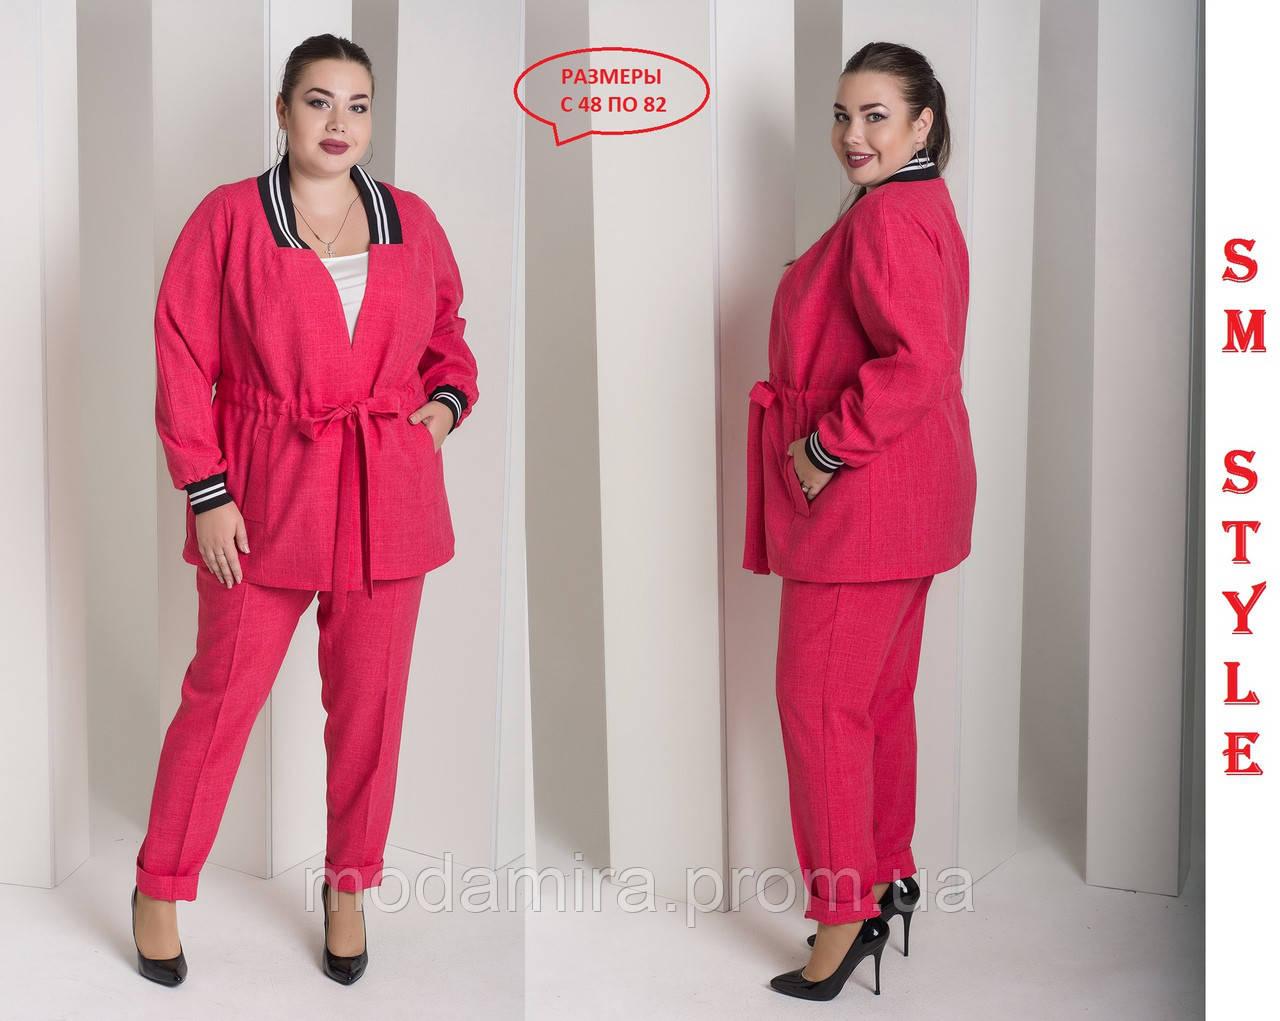 b8e2797b80d2878 Женский брючный костюм из лена, двойка, отшив очень больших размеров брюки+  жакет.